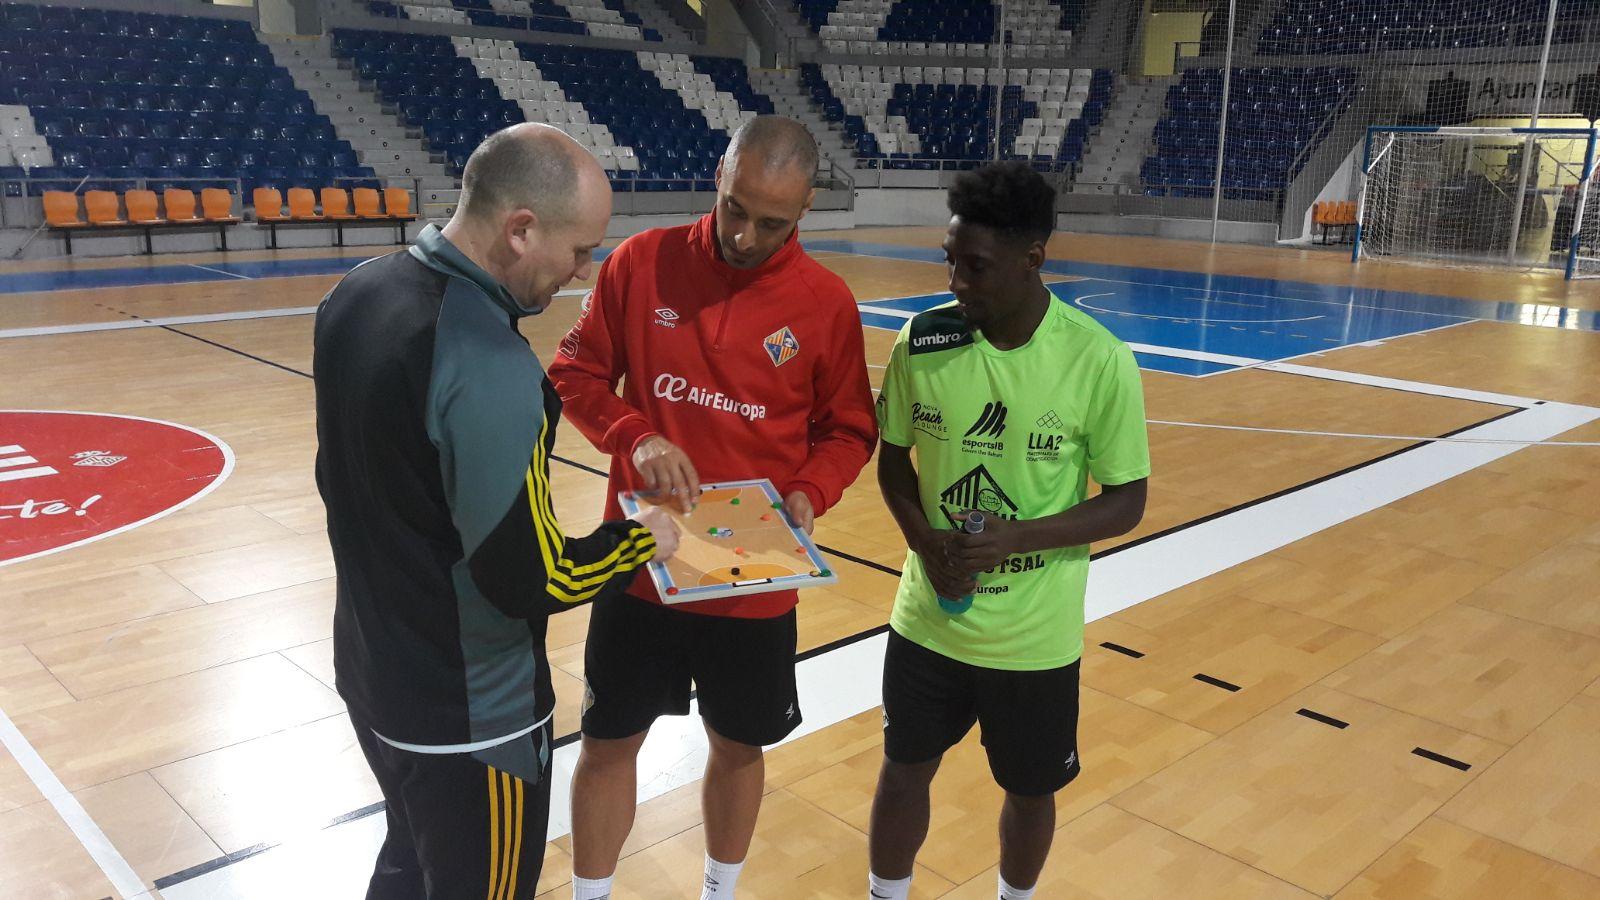 Vadillo explica la táctica a los representantes del Nantes